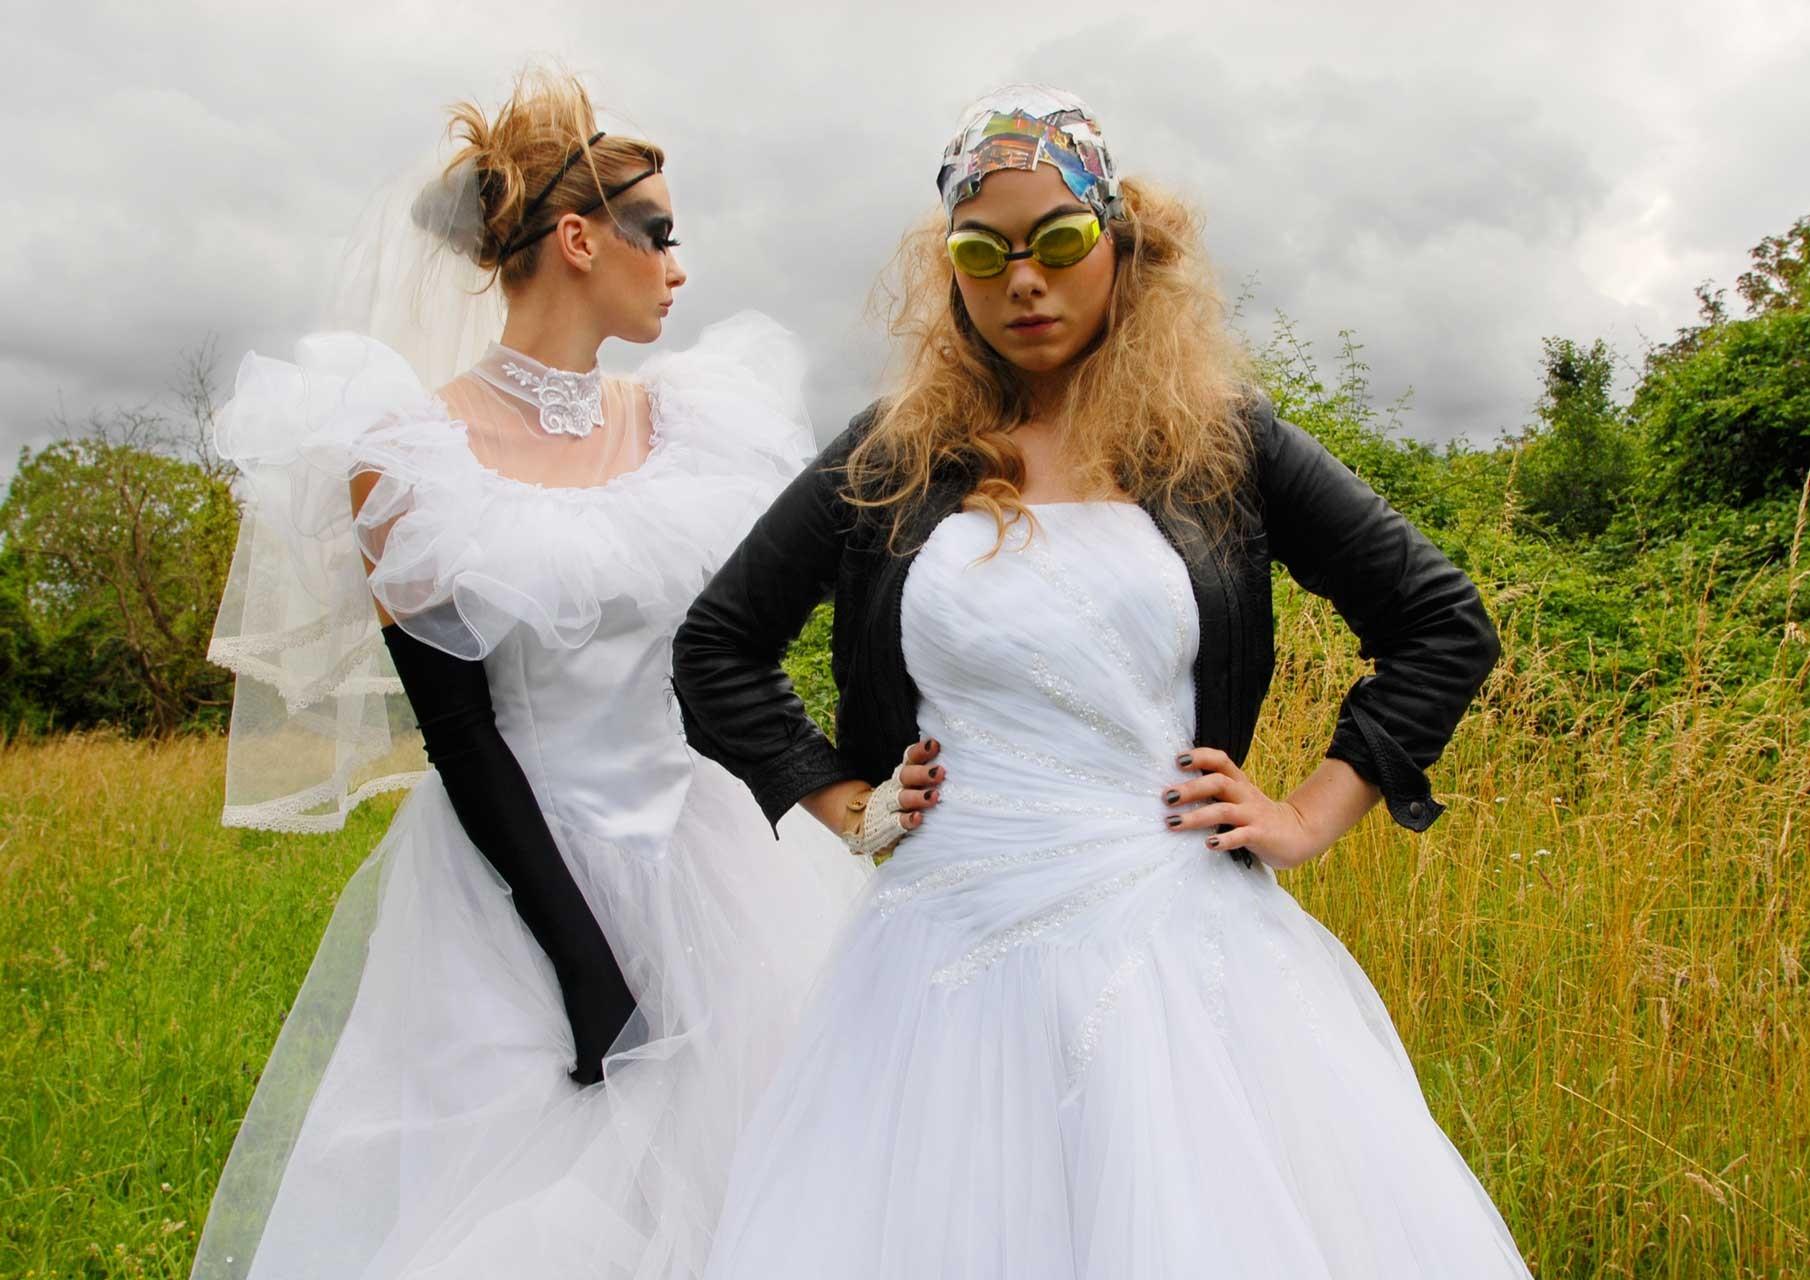 Laure-Maud_15_photographe_mode-ethique-fashion-DIY_100-pour-100-recyle